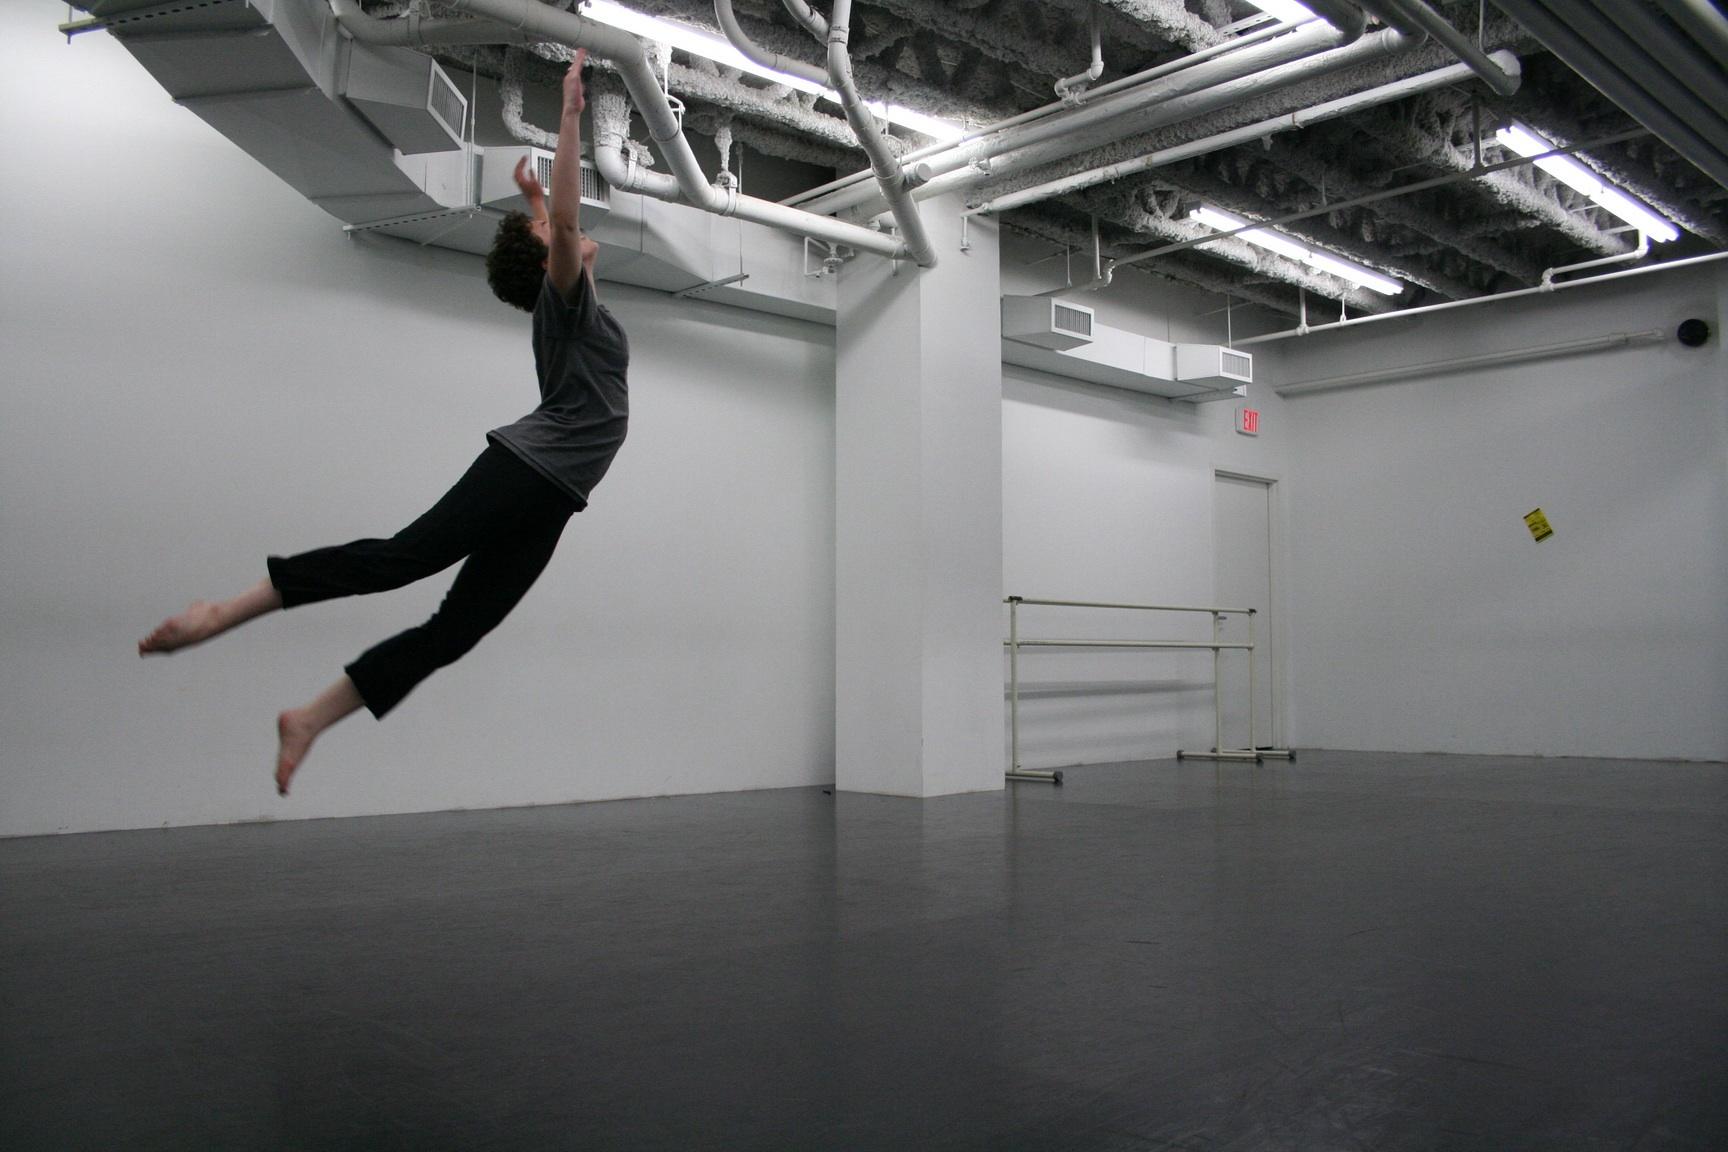 rehearsal 07.01 - flying laurel BEST.jpg